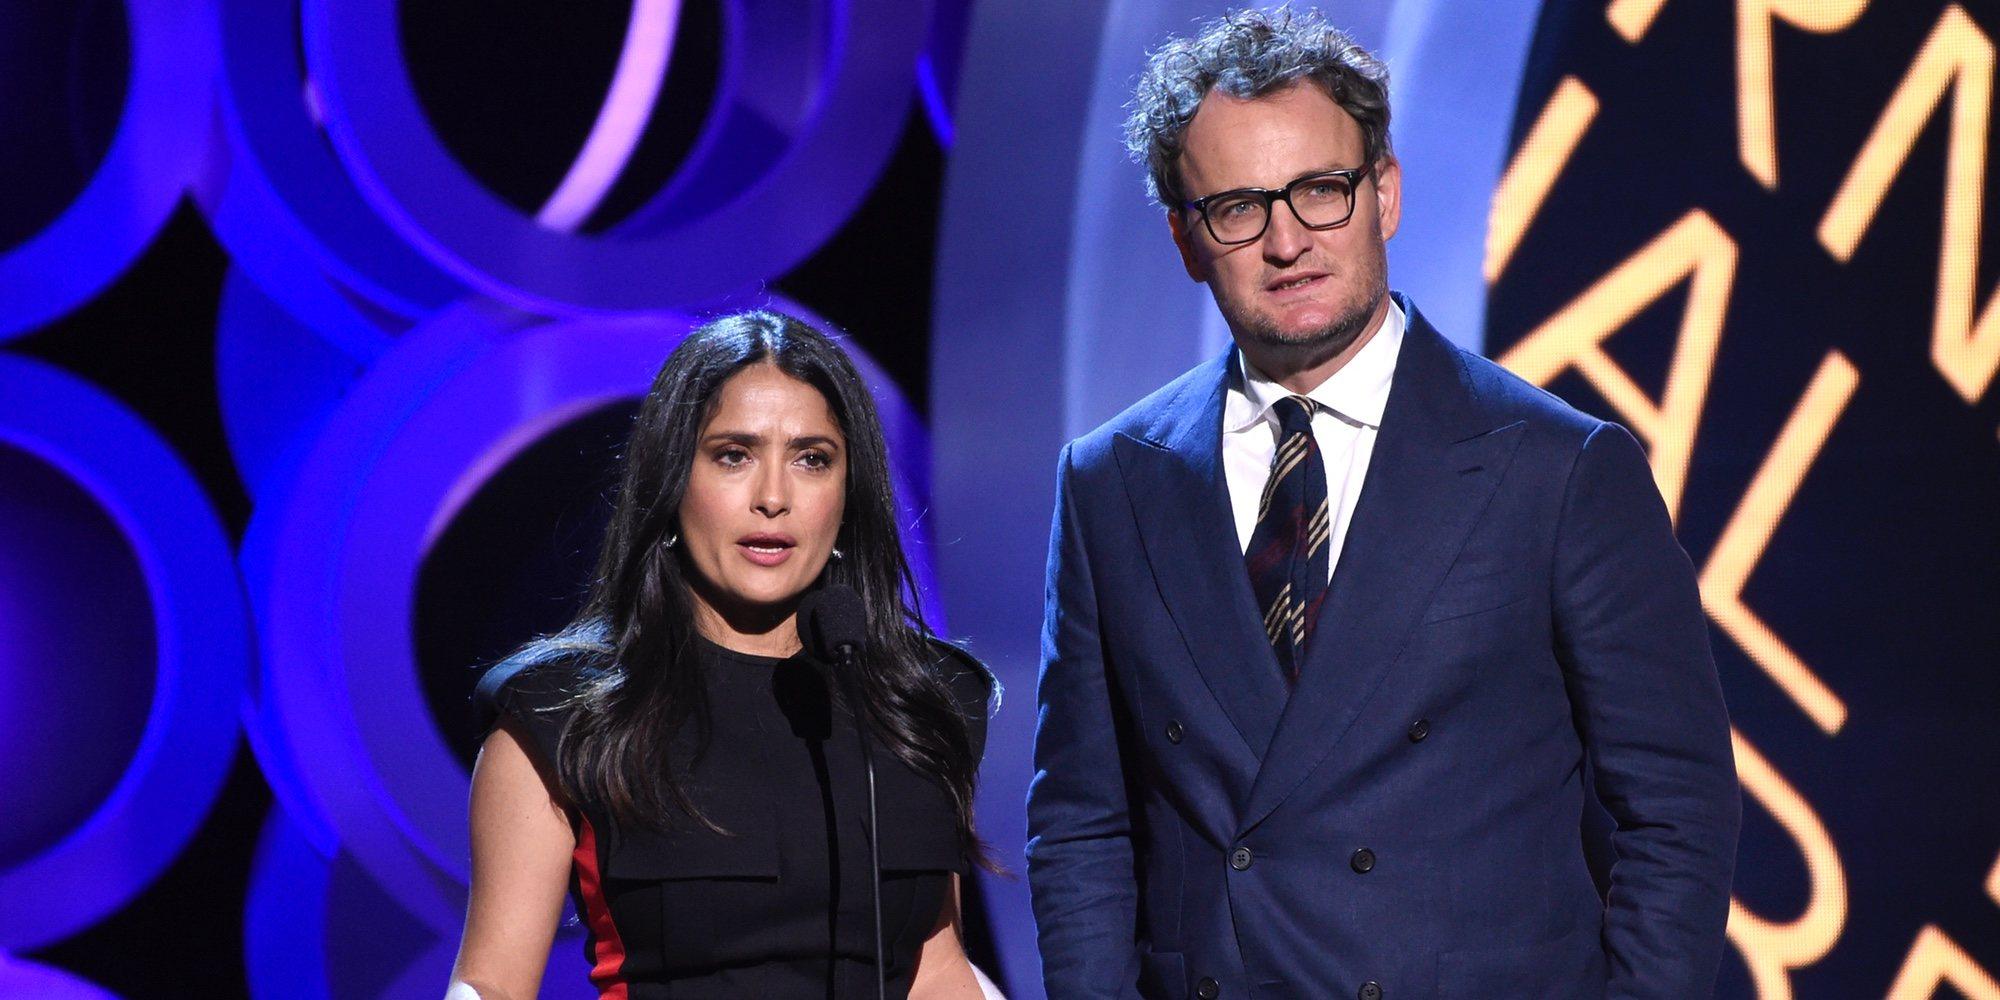 Salma Hayek arremete contra Donald Trump en los Spirit Awards por sus declaraciones racistas